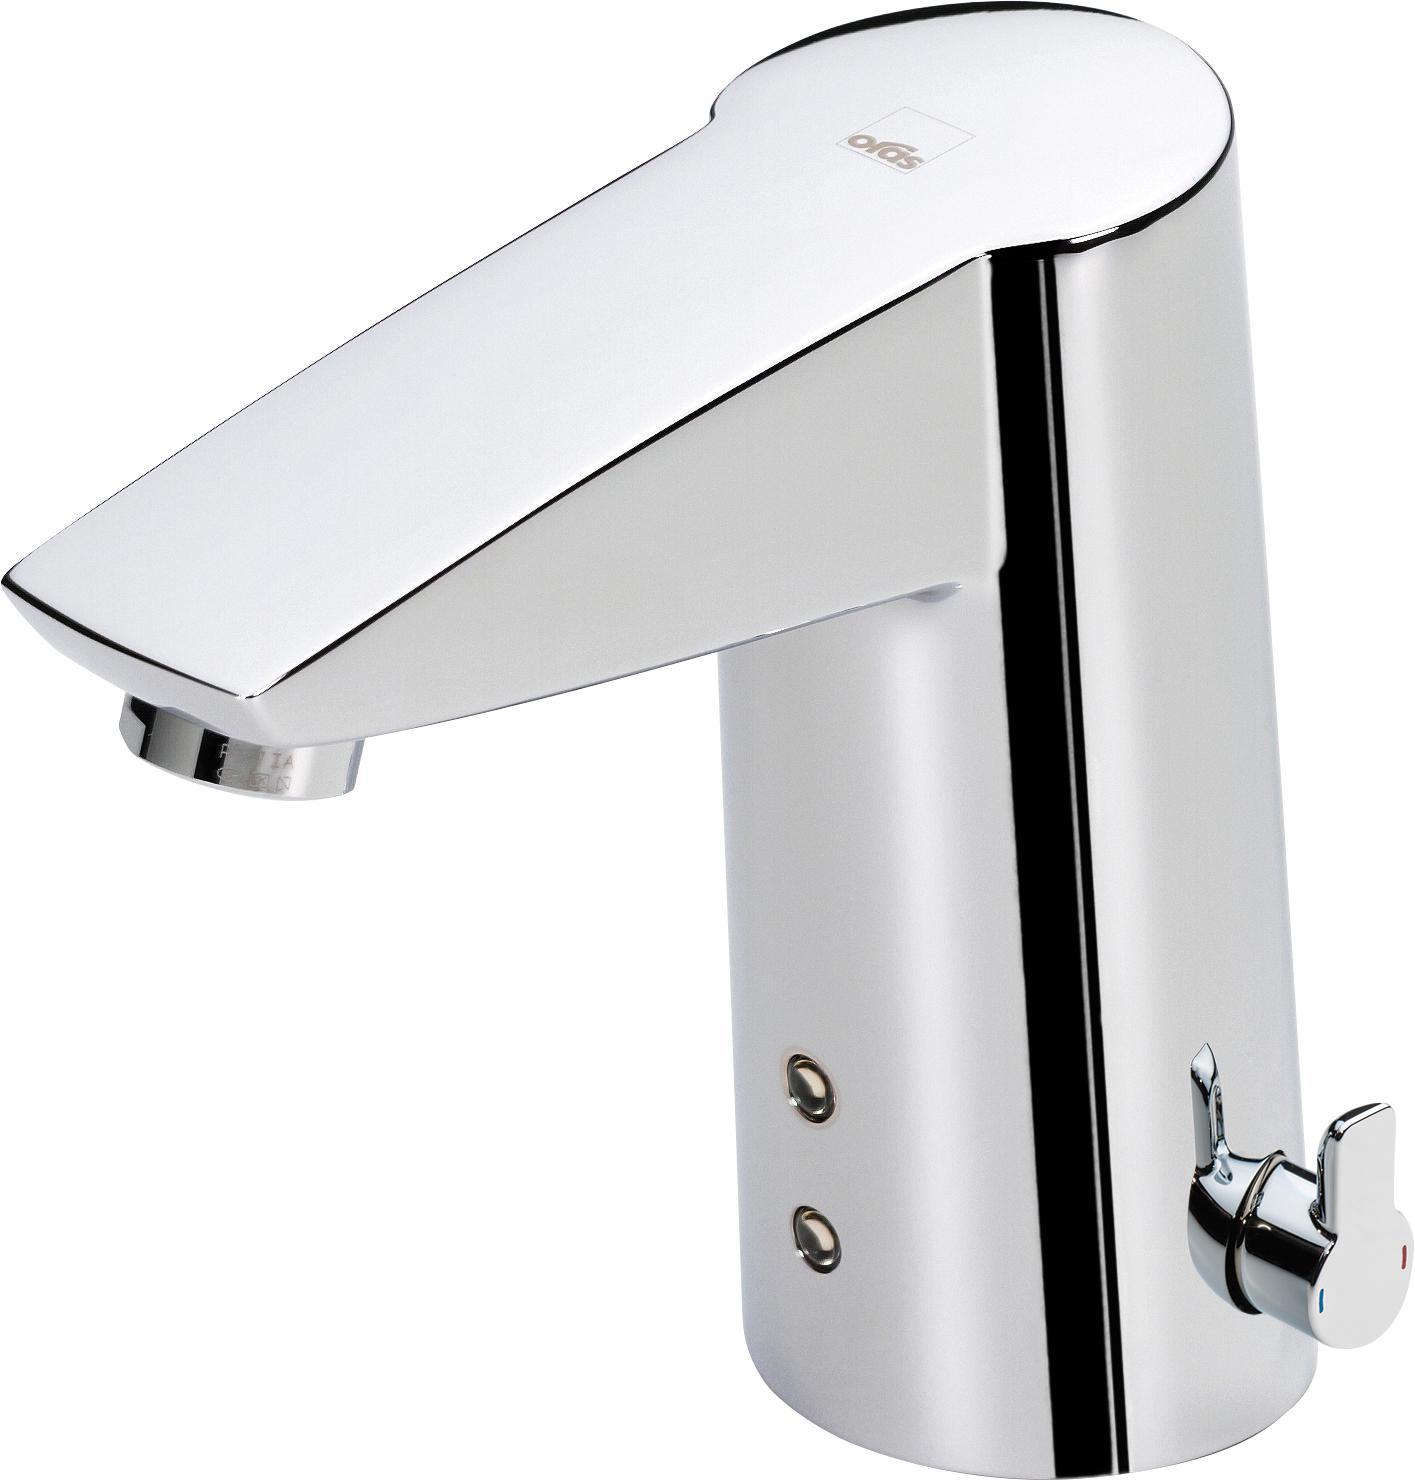 Смеситель сенсорный для раковины Oras Cubista 2814f термостат для ванны oras cubista 2875u